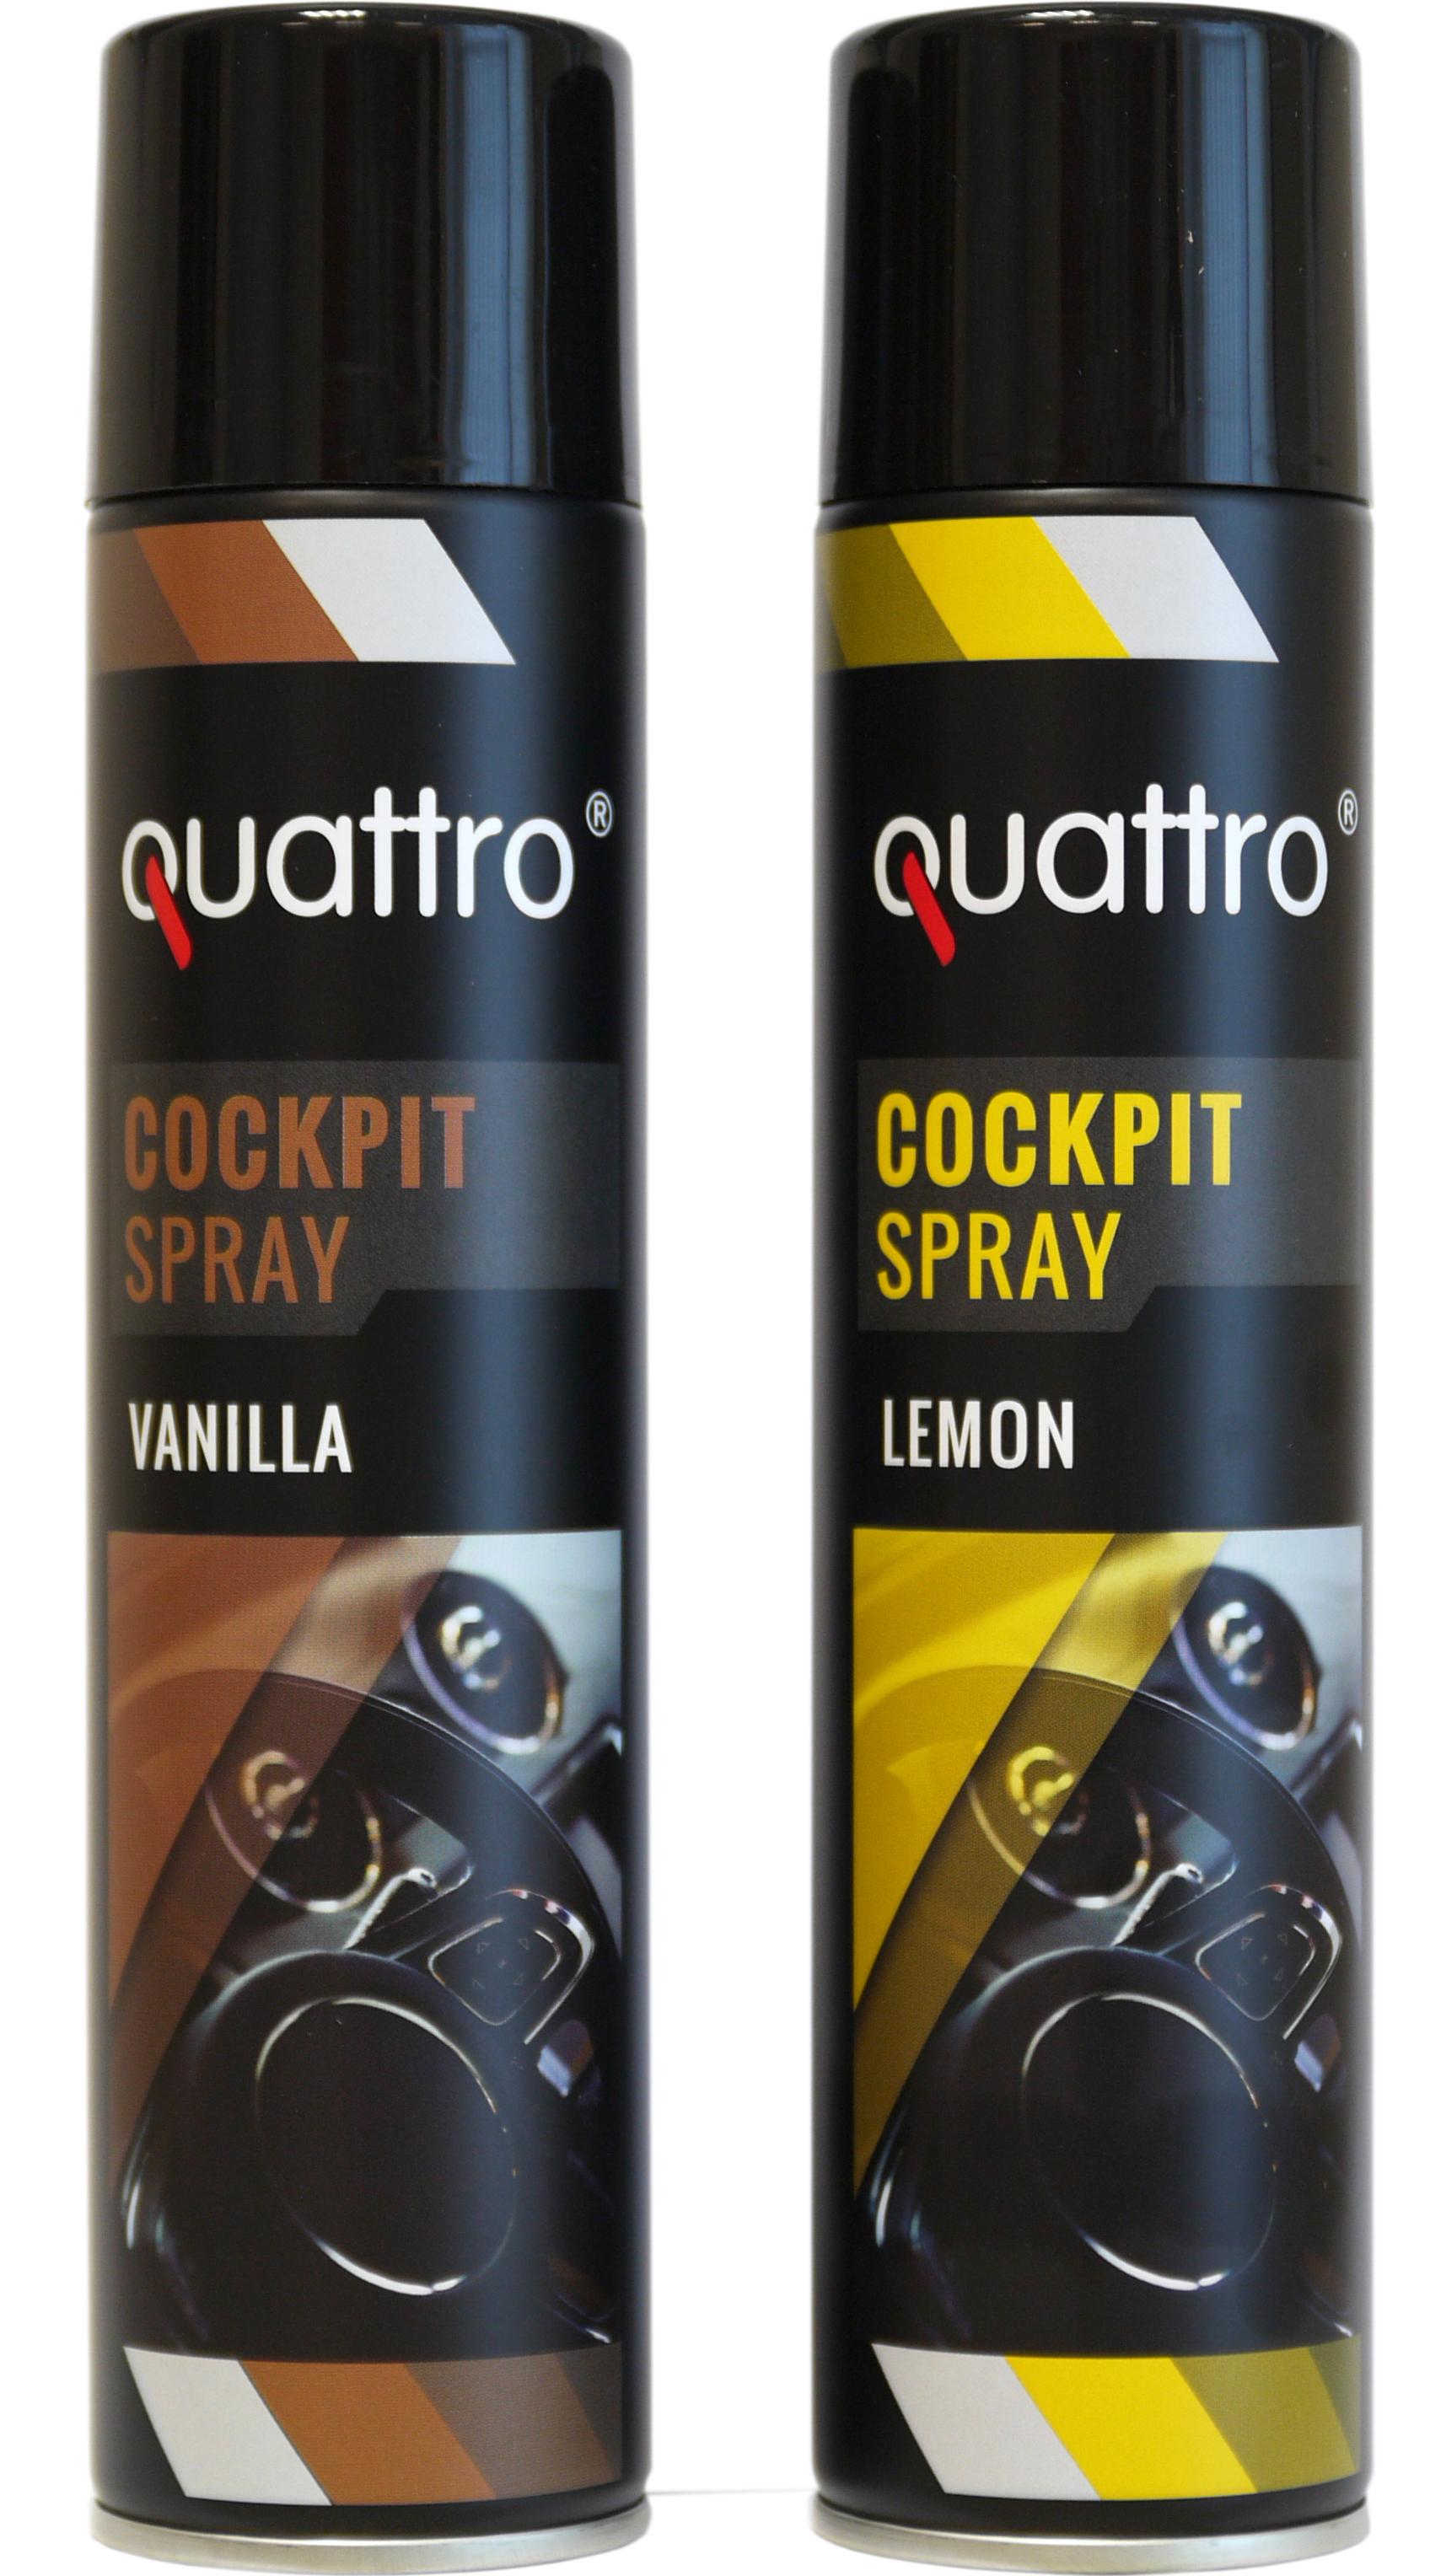 00719 - quattro Cockpit Spray 300 ml, 2-fach sortiert: 6x Vanille & 6x Lemon